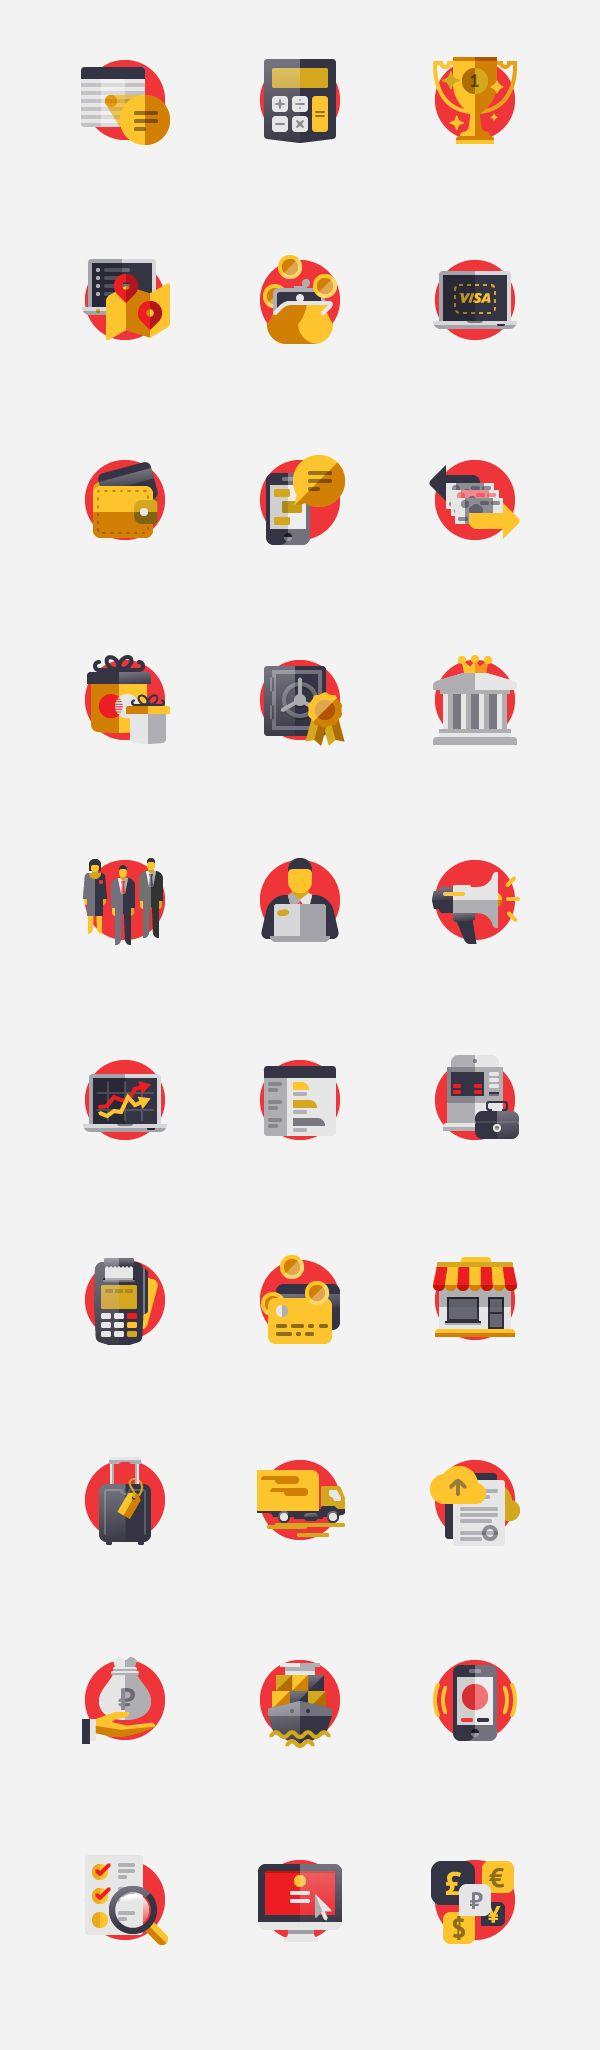 https://www.behance.net/gallery/20150663/SB-Bank-Icons